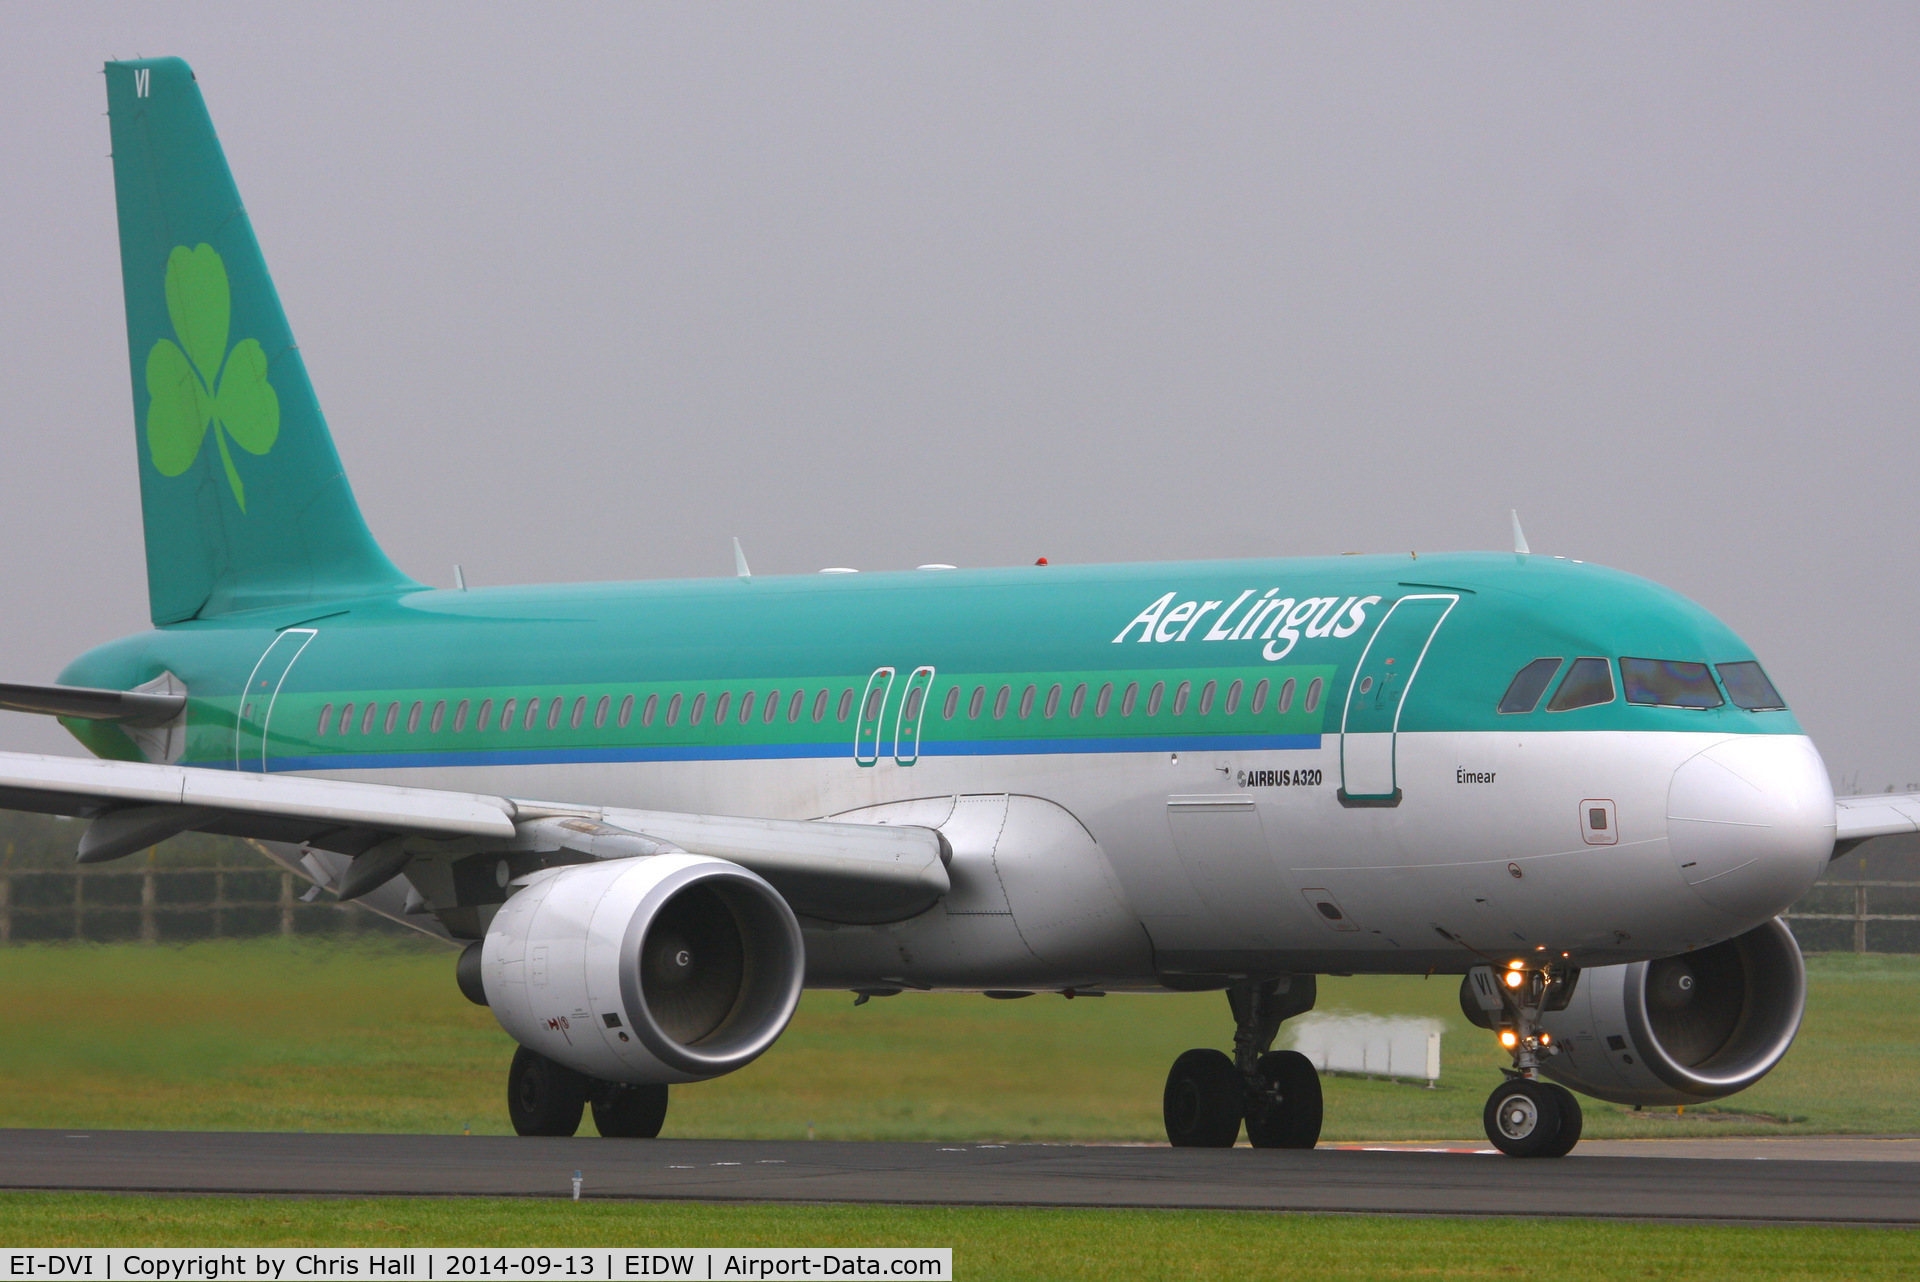 EI-DVI, 2008 Airbus A320-214 C/N 3501, Aer Lingus